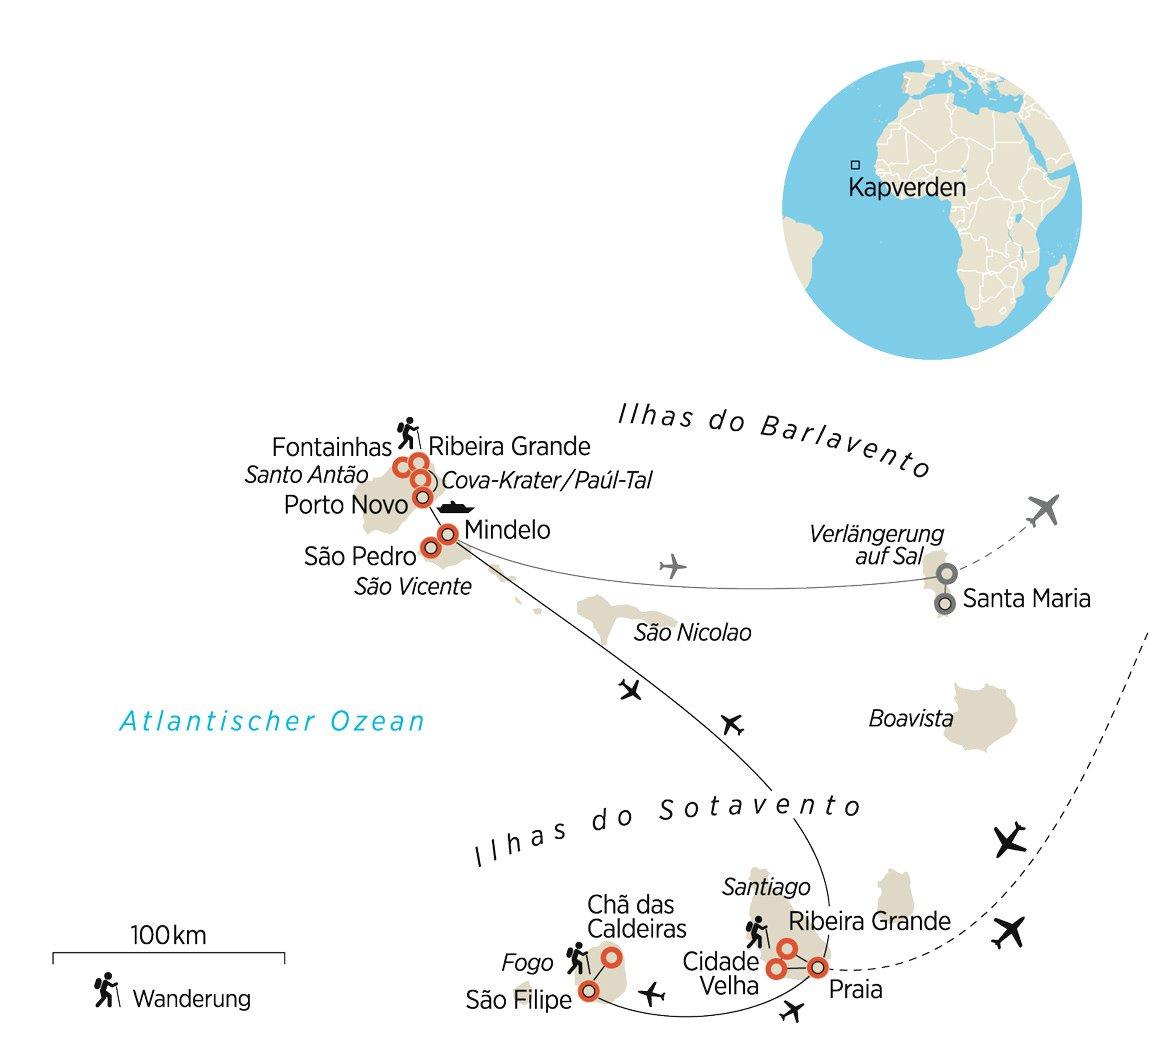 Wo Liegt Kapverden Karte.Wandern Auf Den Kapverden Begegnungen Mit Natur Musik Und